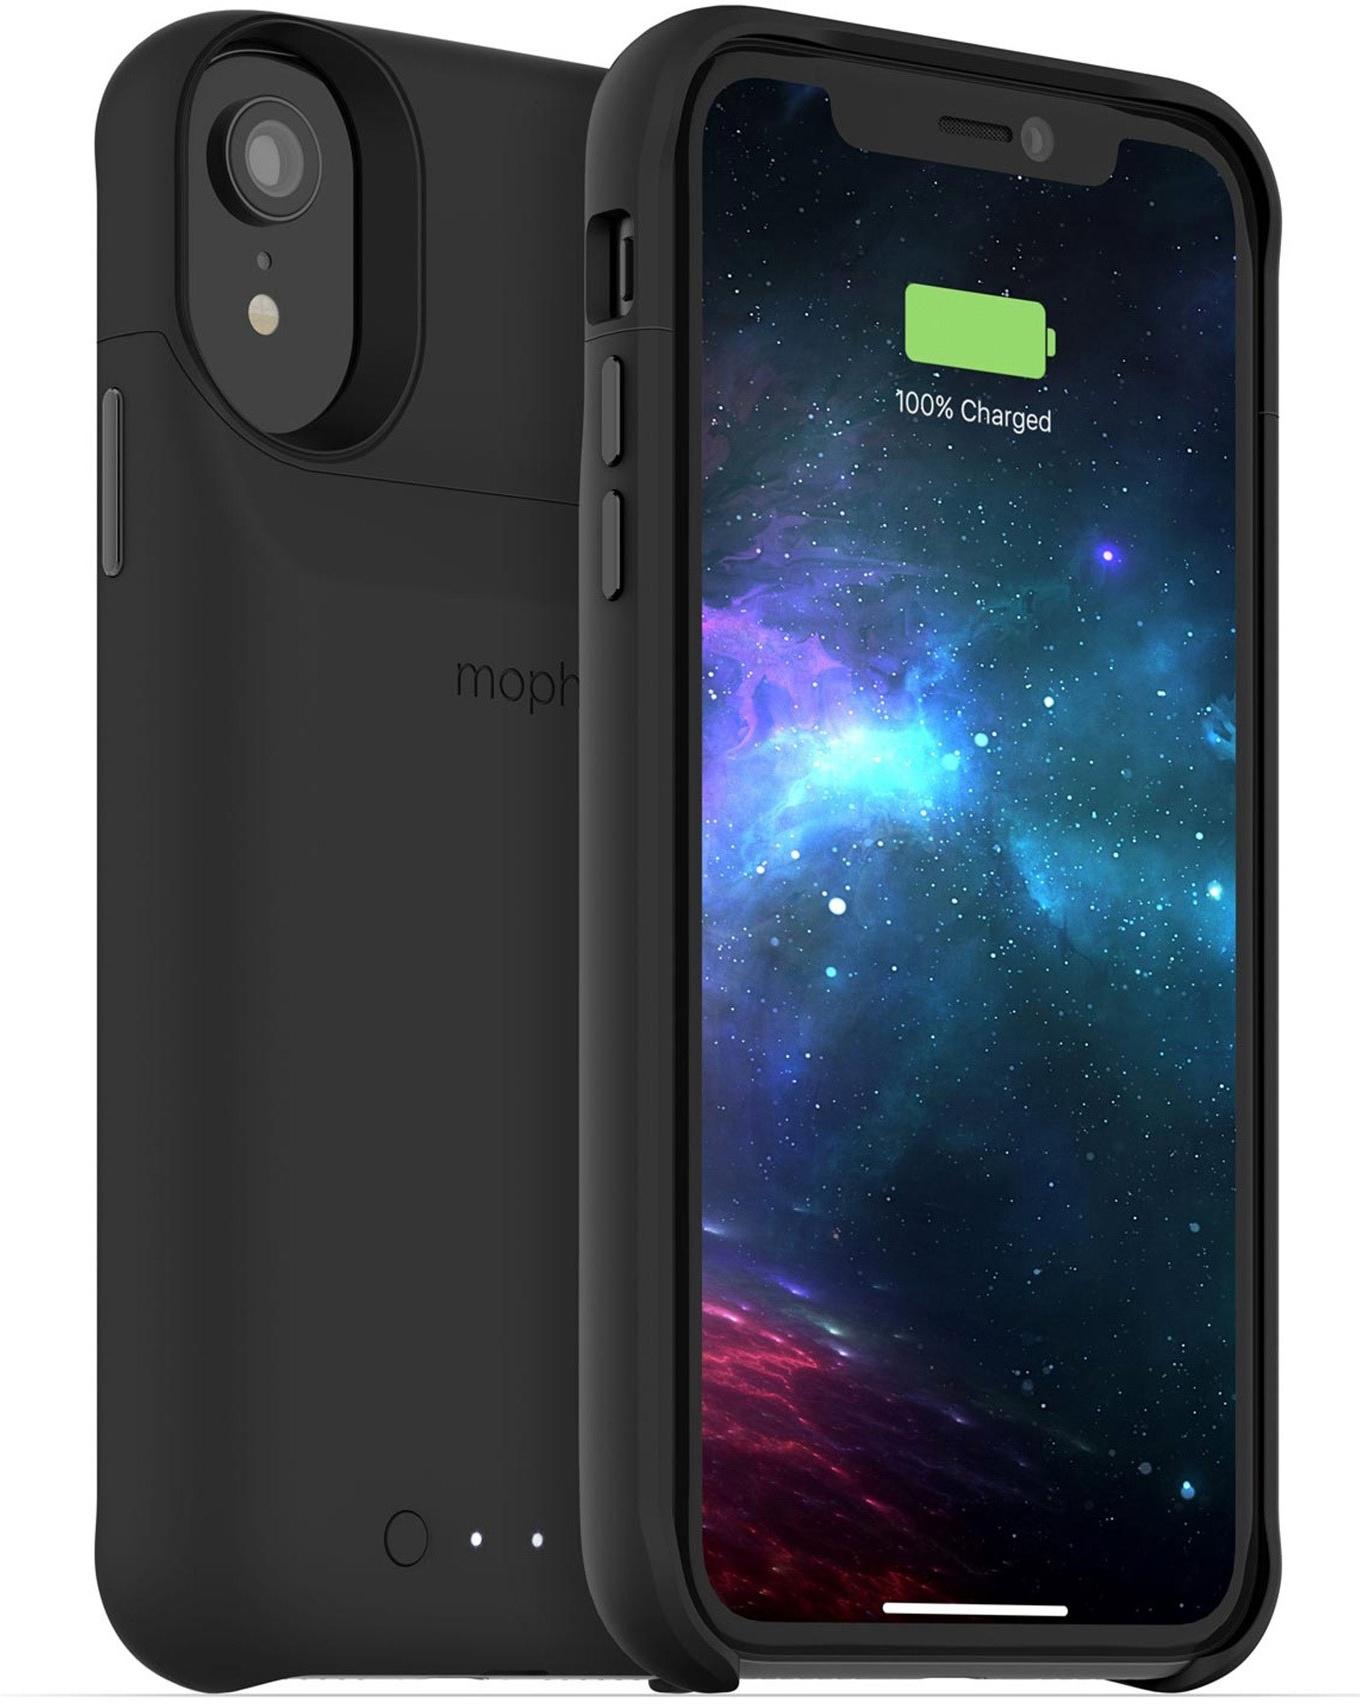 Чехол Mophie Juice Pack Access со встроенным аккумулятором для iPhone XR. Цвет черный. аксессуар чехол аккумулятор mophie juice pack air 2525 mah для apple iphone 7 red 3970